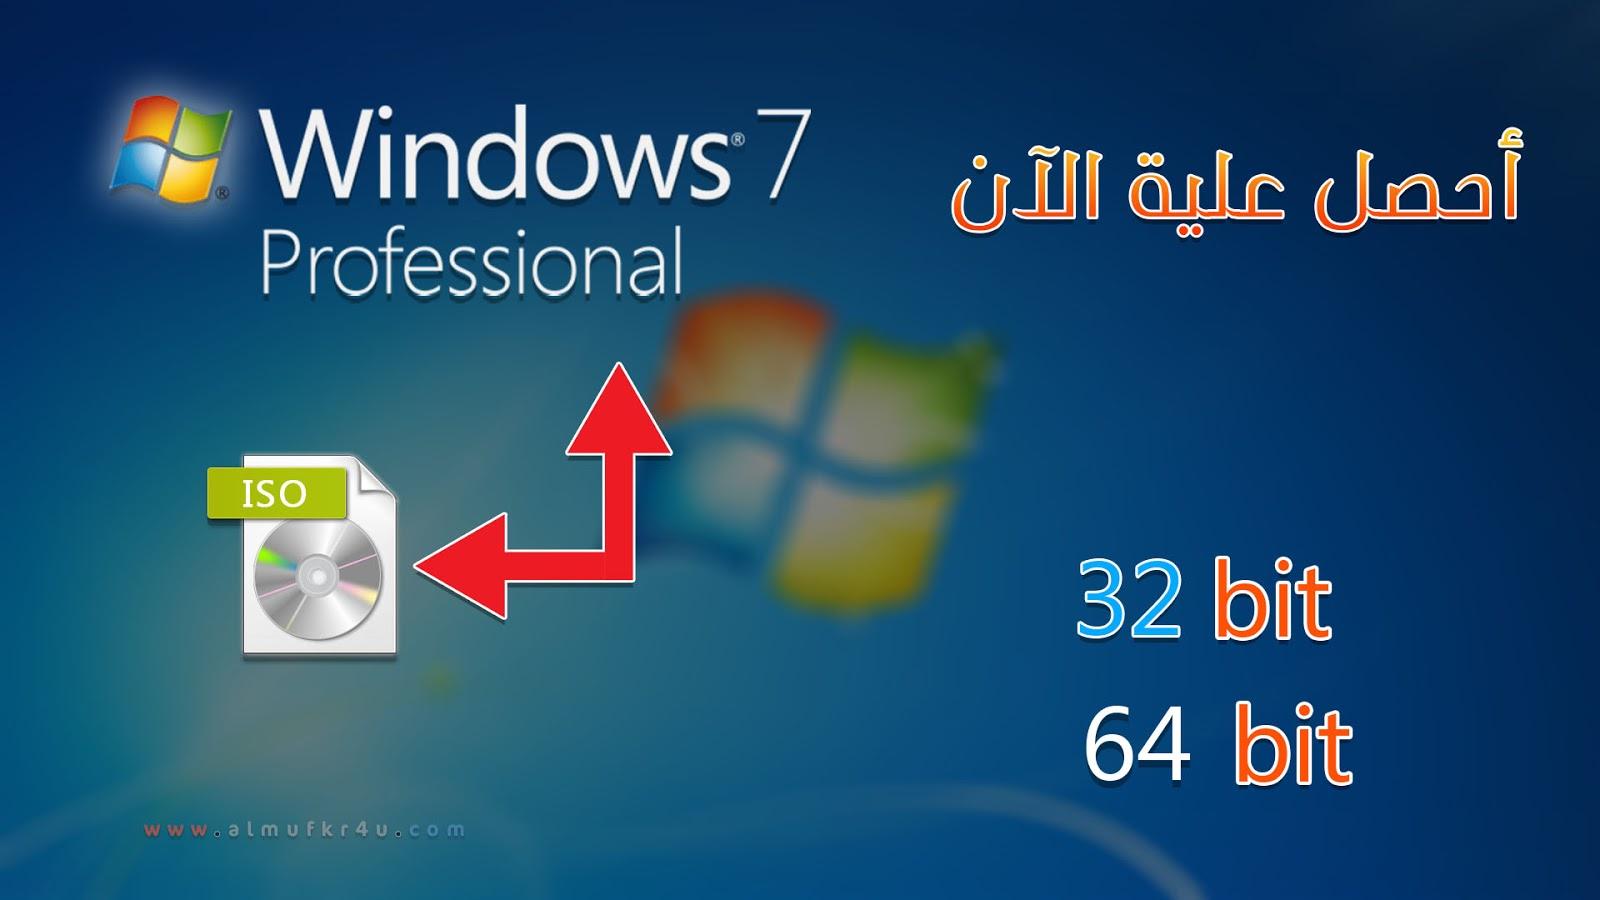 تحميل ويندوز 7 بروفيشنال من مايكروسوفت